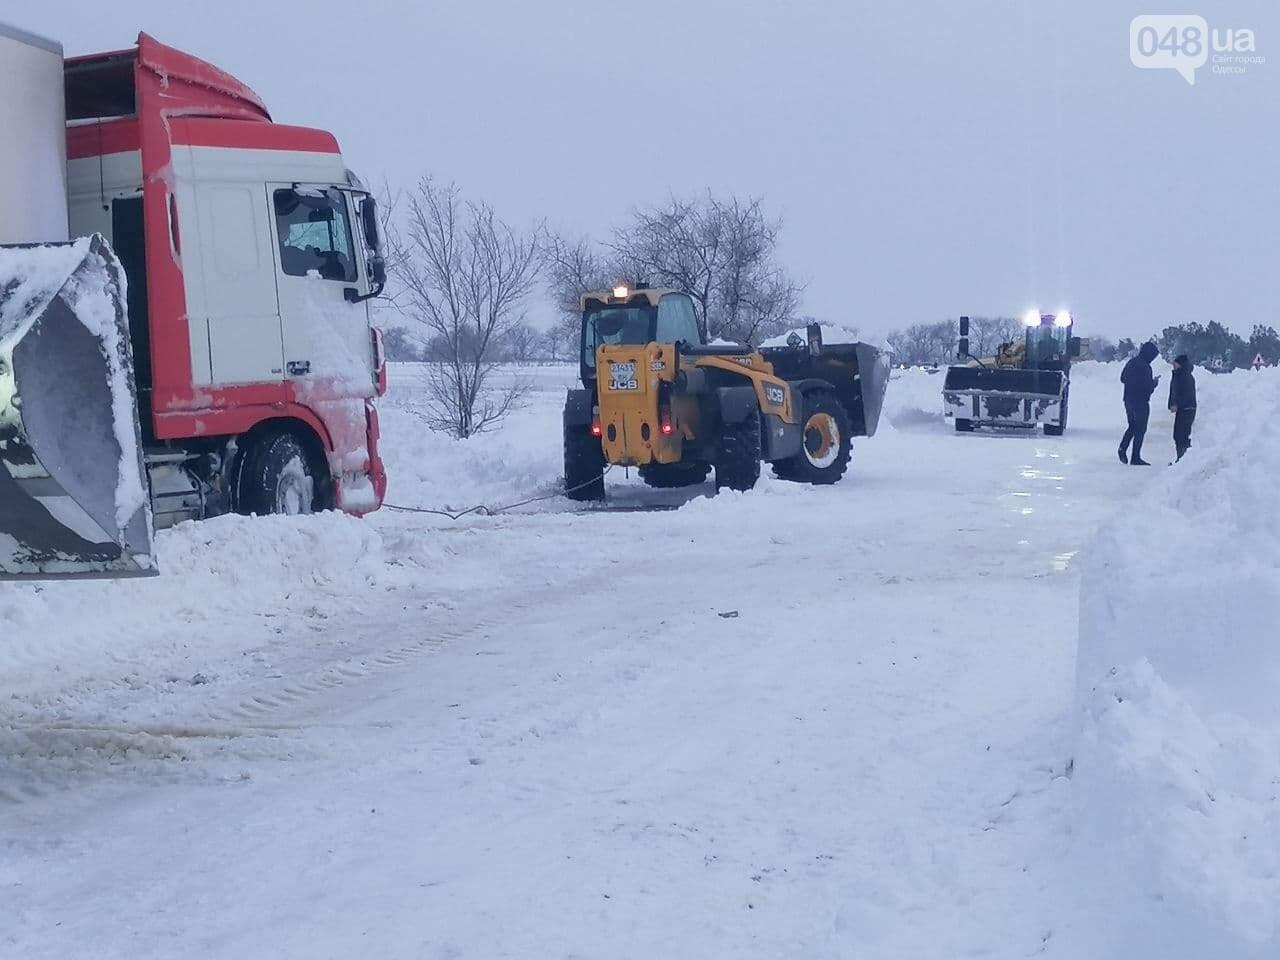 Трасса Одесса-Рени: брошенные автомобили, трактора и сугробы,- ВИДЕО, ФОТО, фото-7